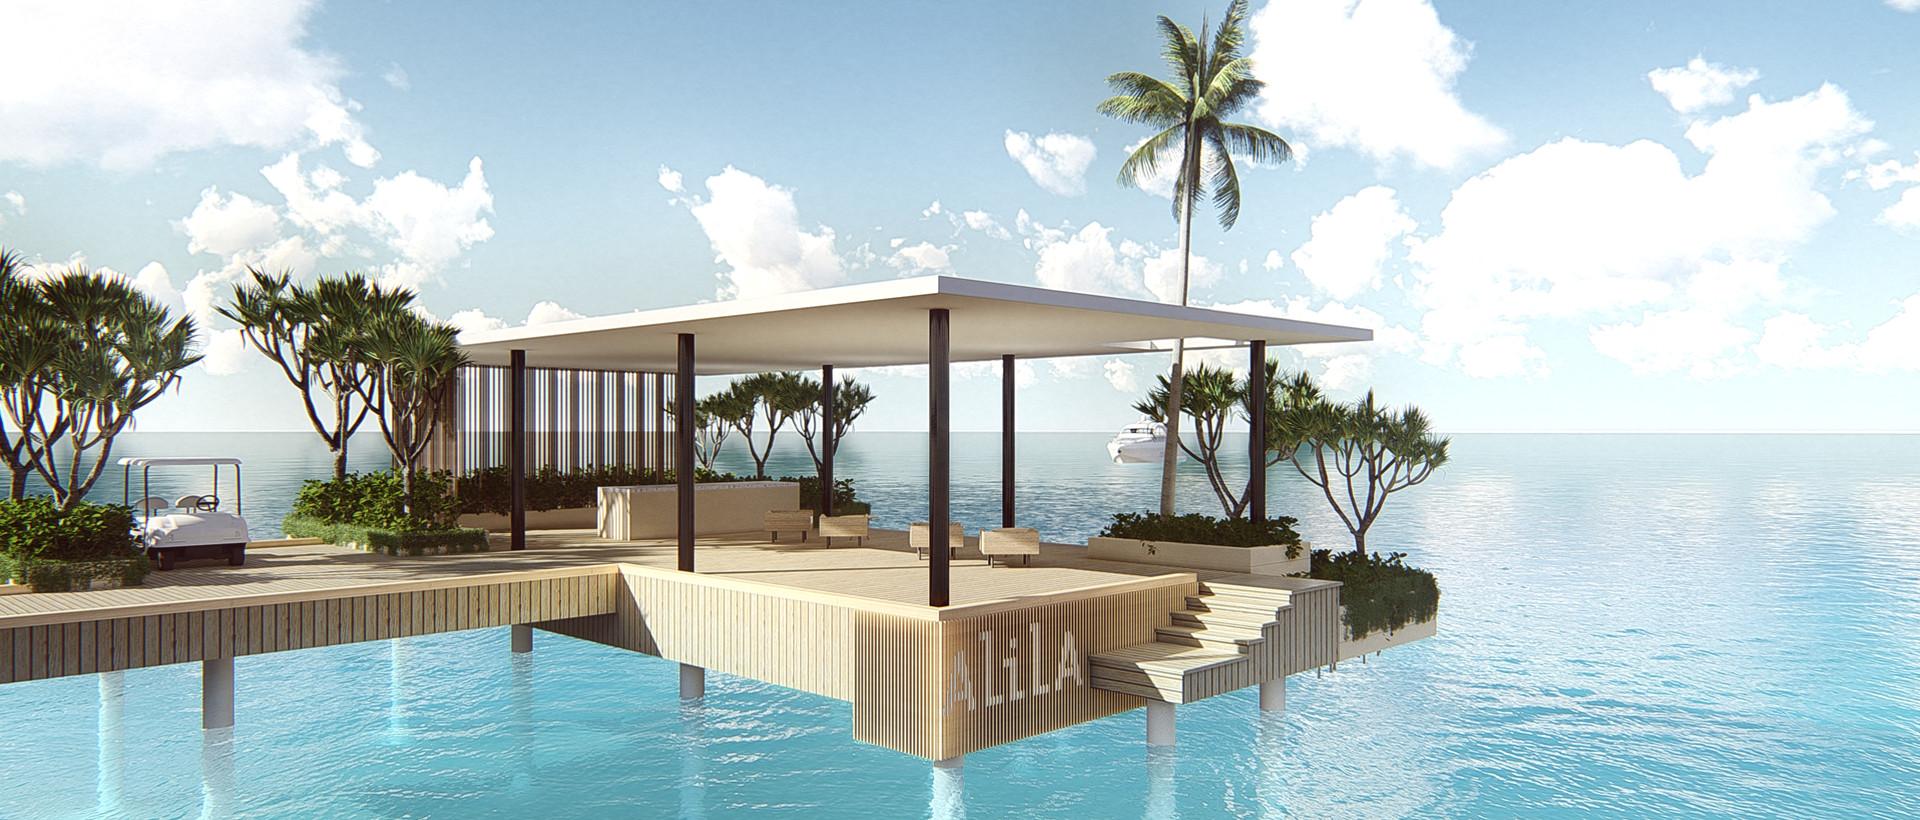 Alila Maldives Topo Design Studio (1).jp